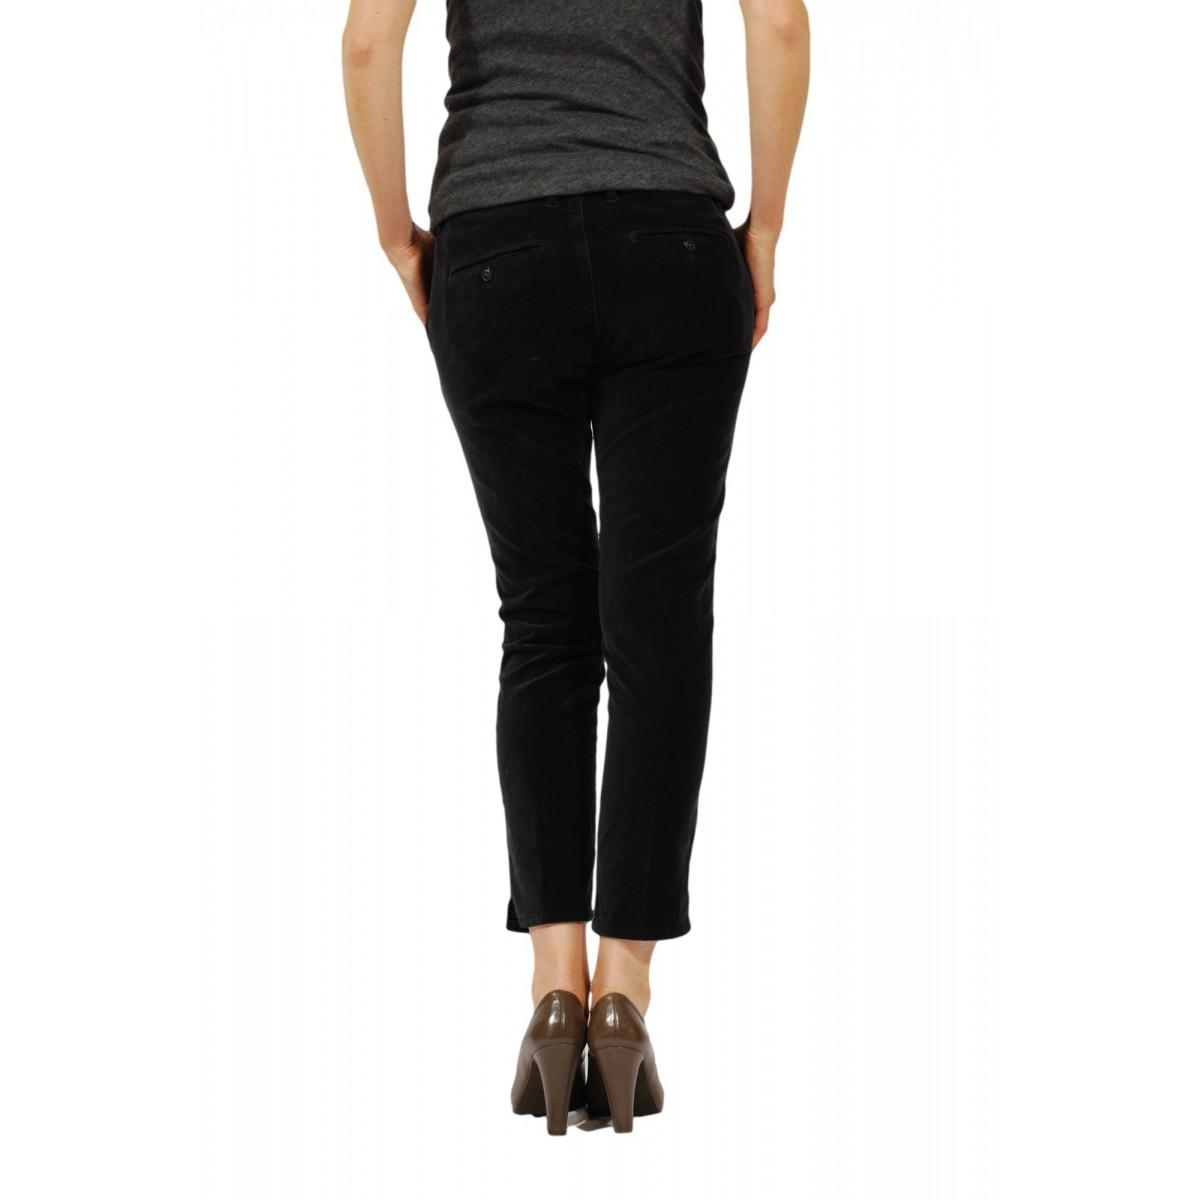 Trouser Woman Department Five - P052 T0002 132 Vellutto Strech Trouser Woman Vellut0